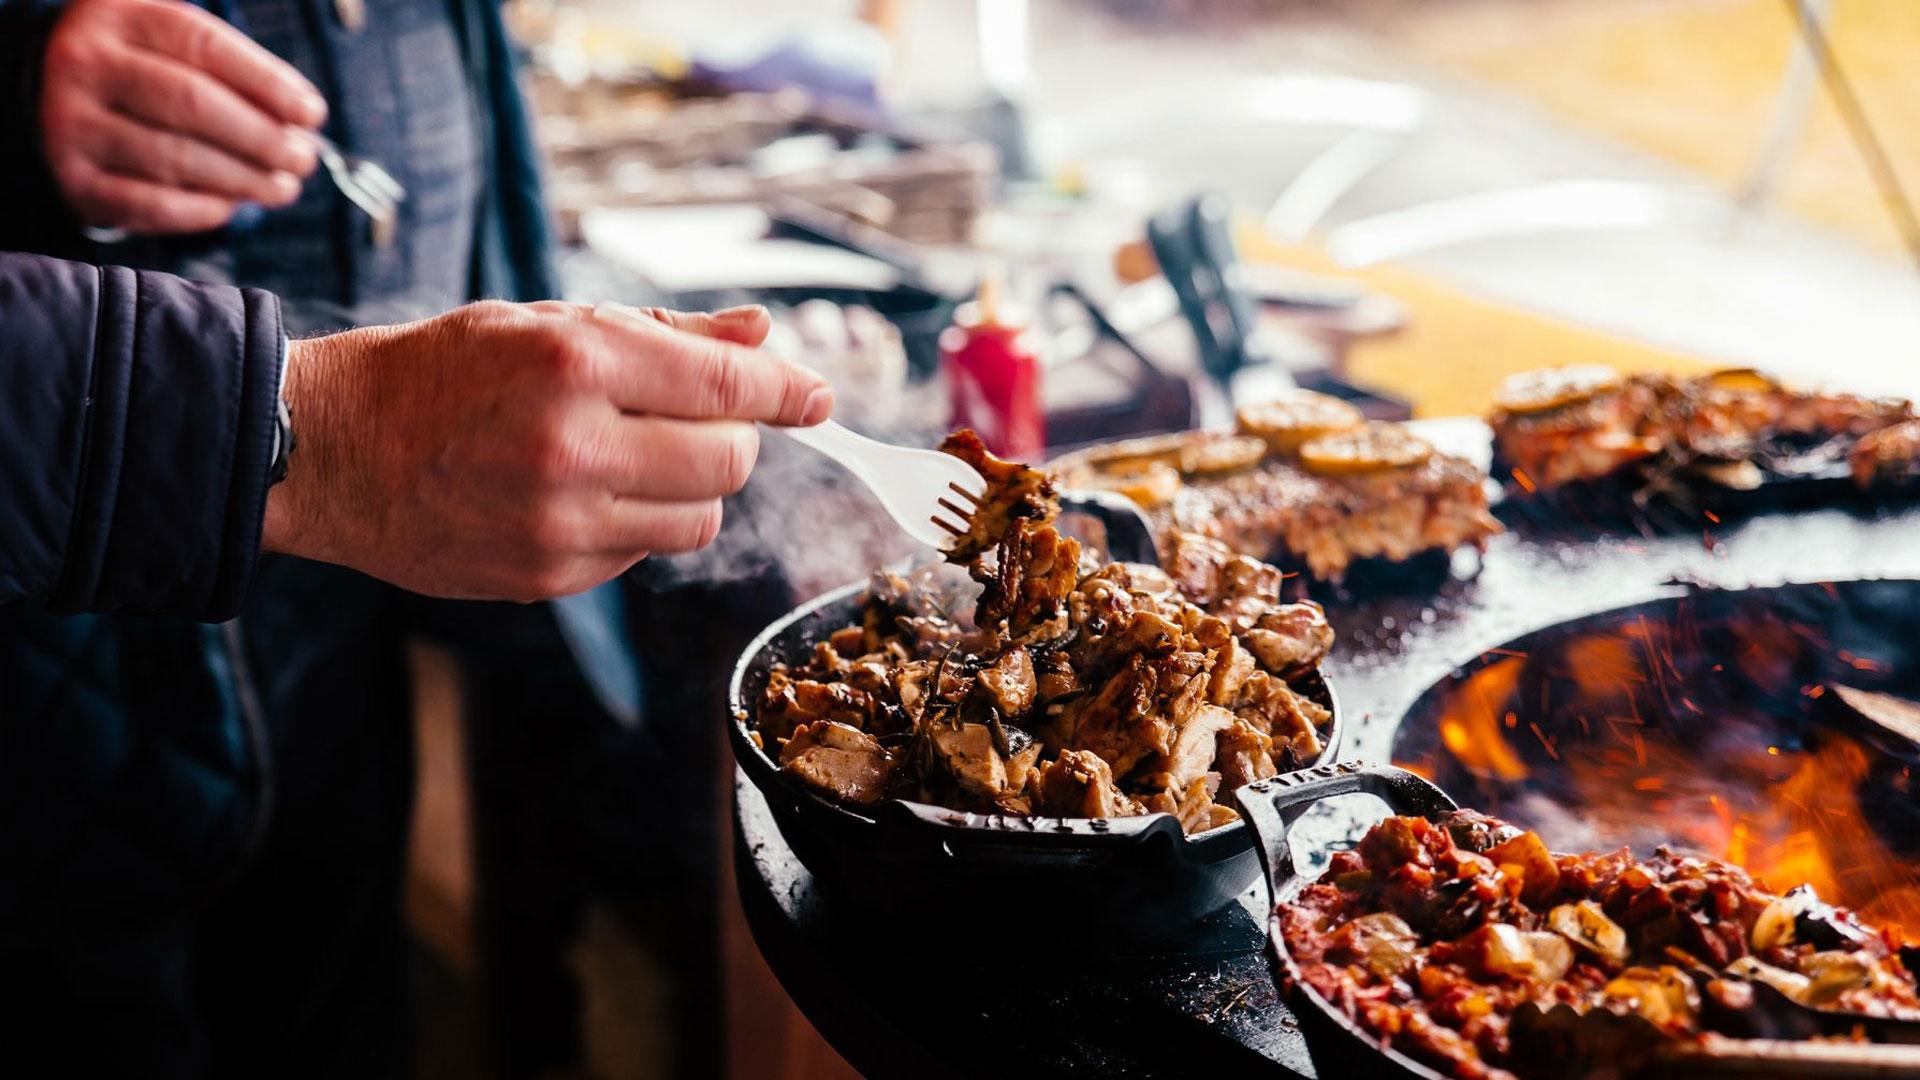 Een STOKE workshop geeft je een avondje genieten van gezelligheid en hout-cuisine door een showcook